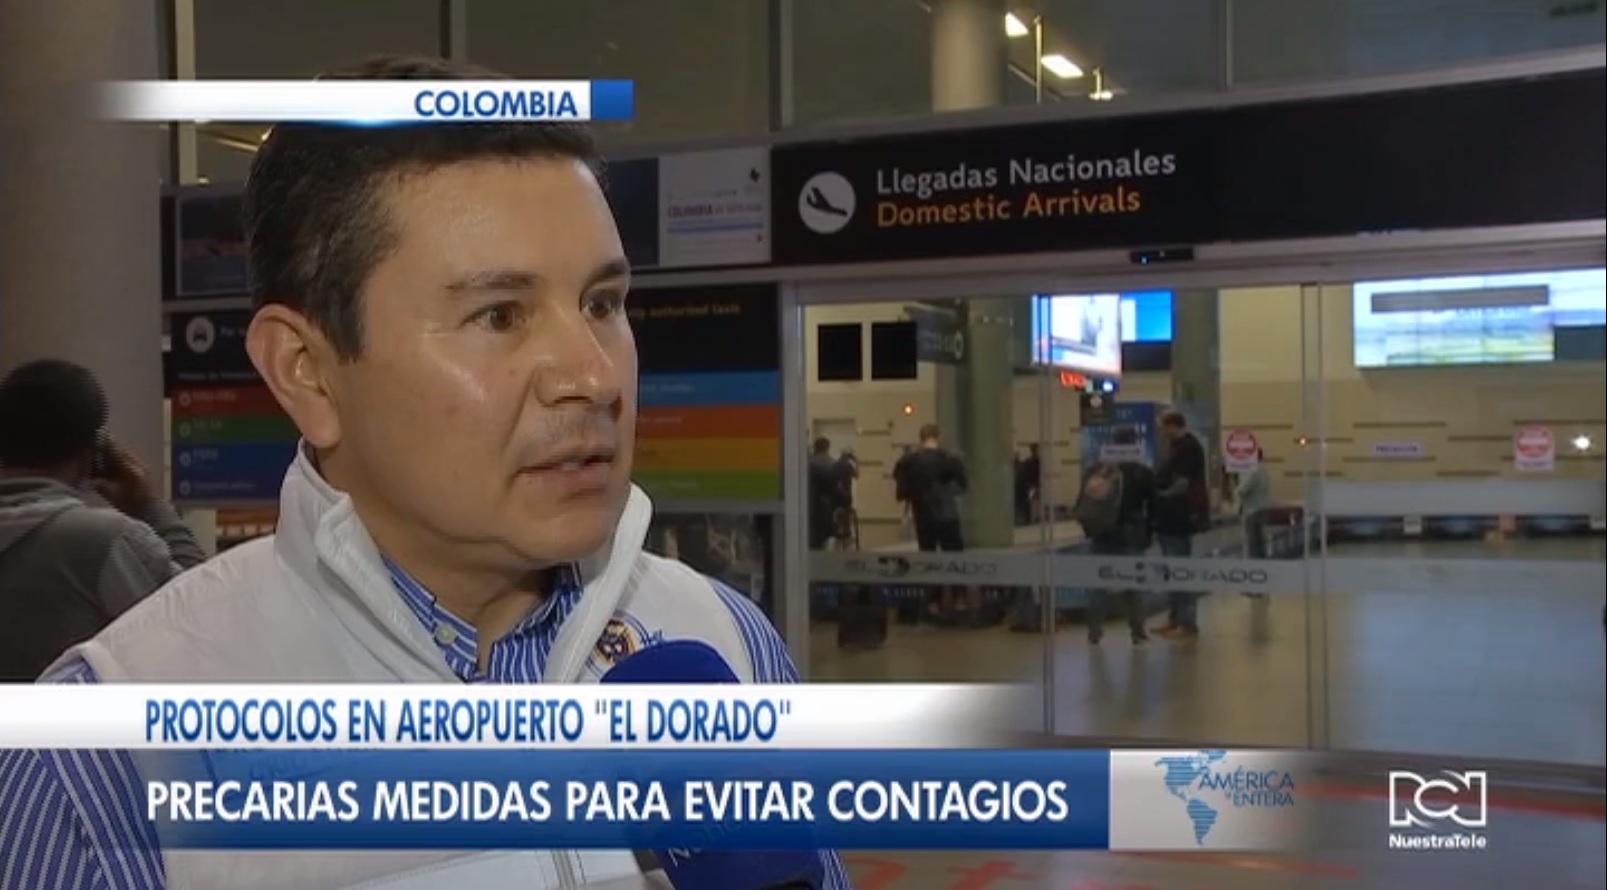 Aeropuerto El Dorado no cumple los protocolos para prevenir el coronavirus